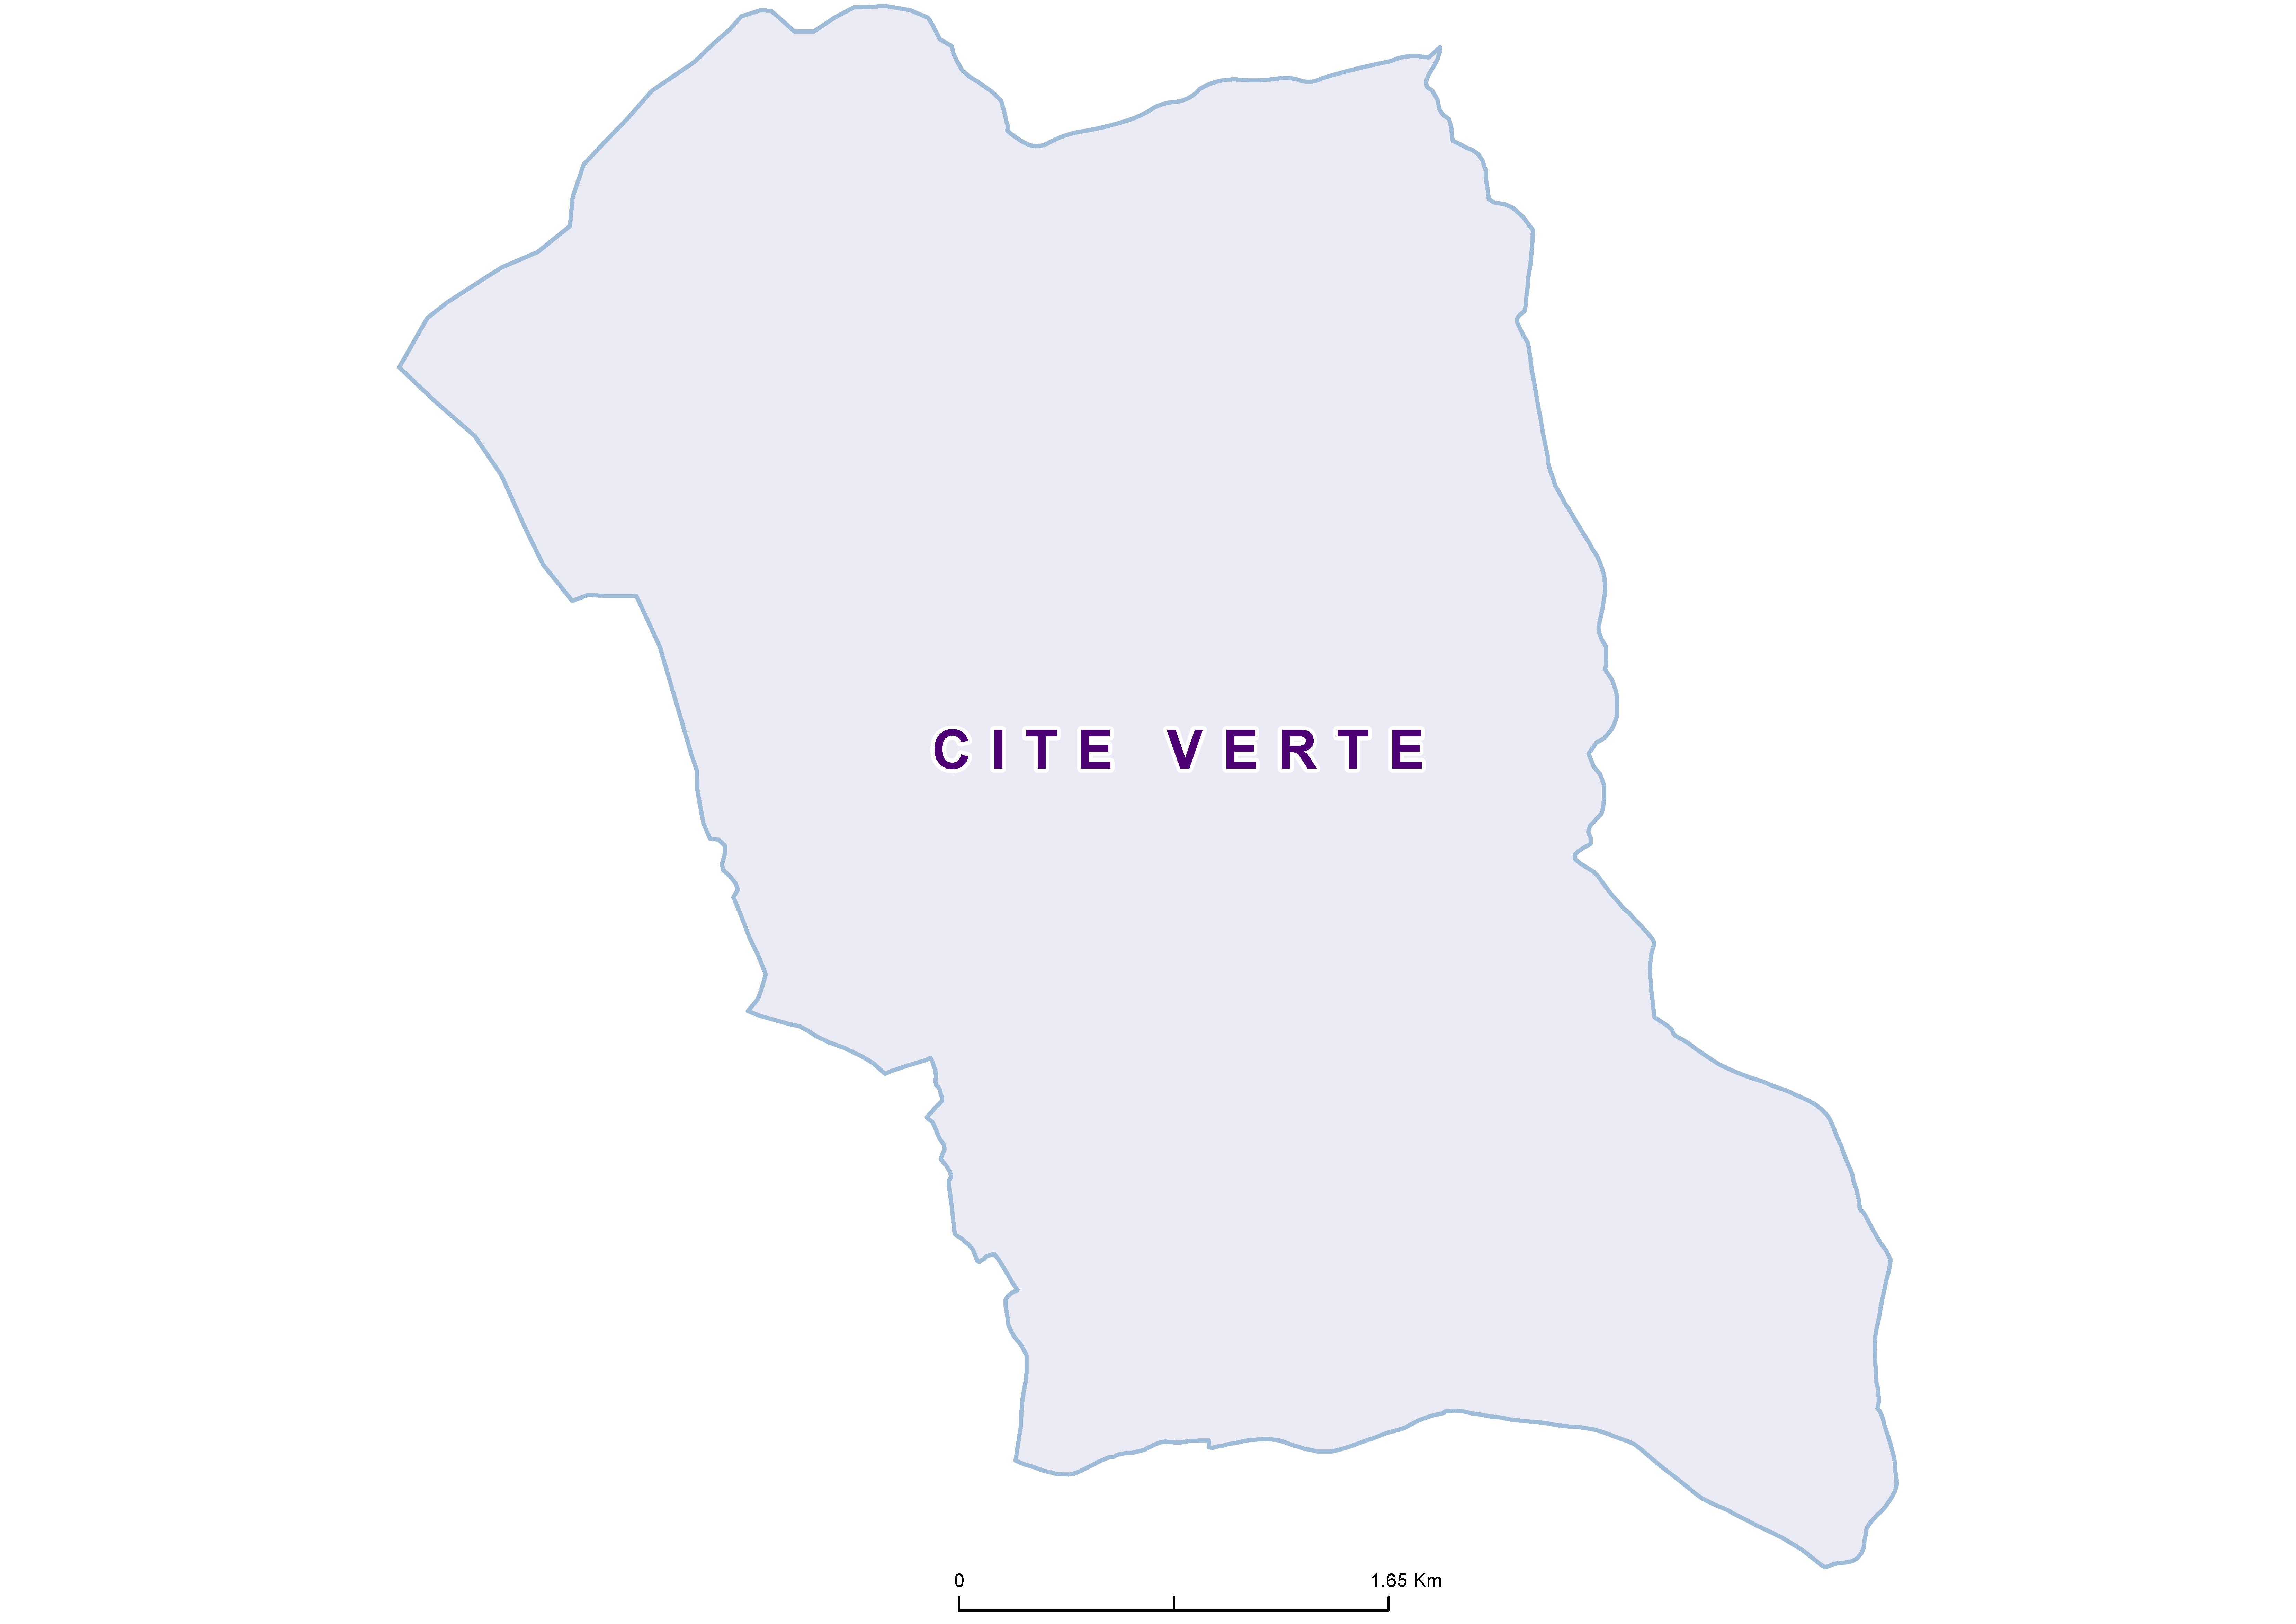 Cite verte Mean SCH 19850001